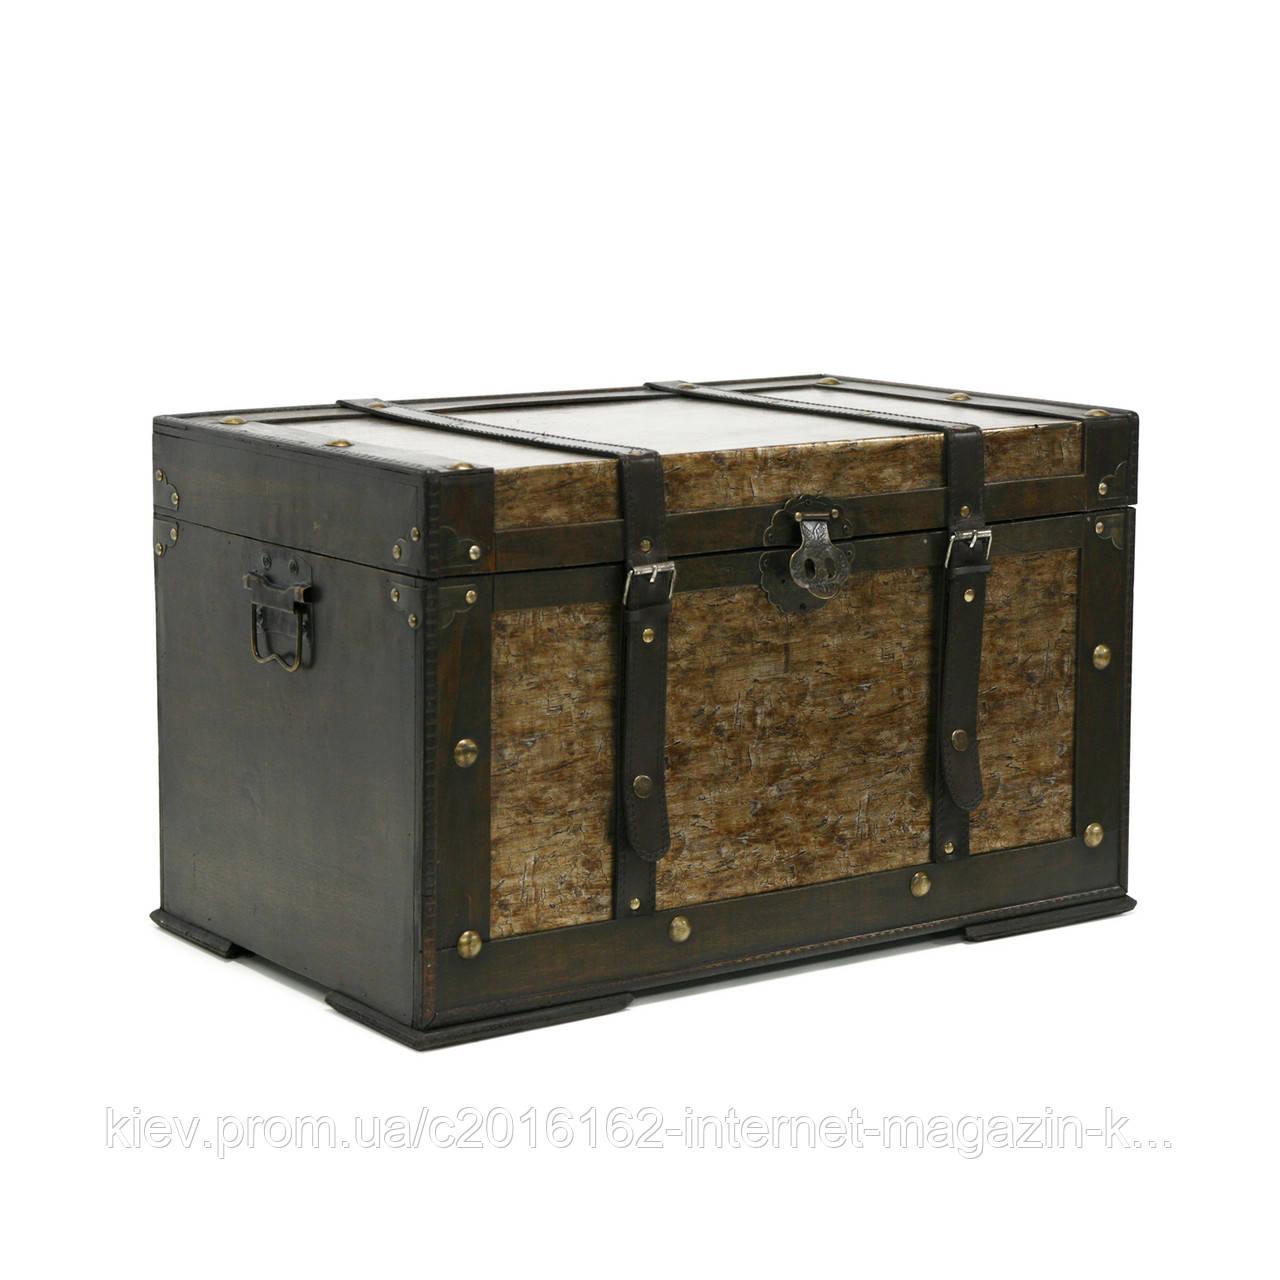 Деревянный сундук напольный Home4You BAO-2  60x36x36cm  bronze  wood